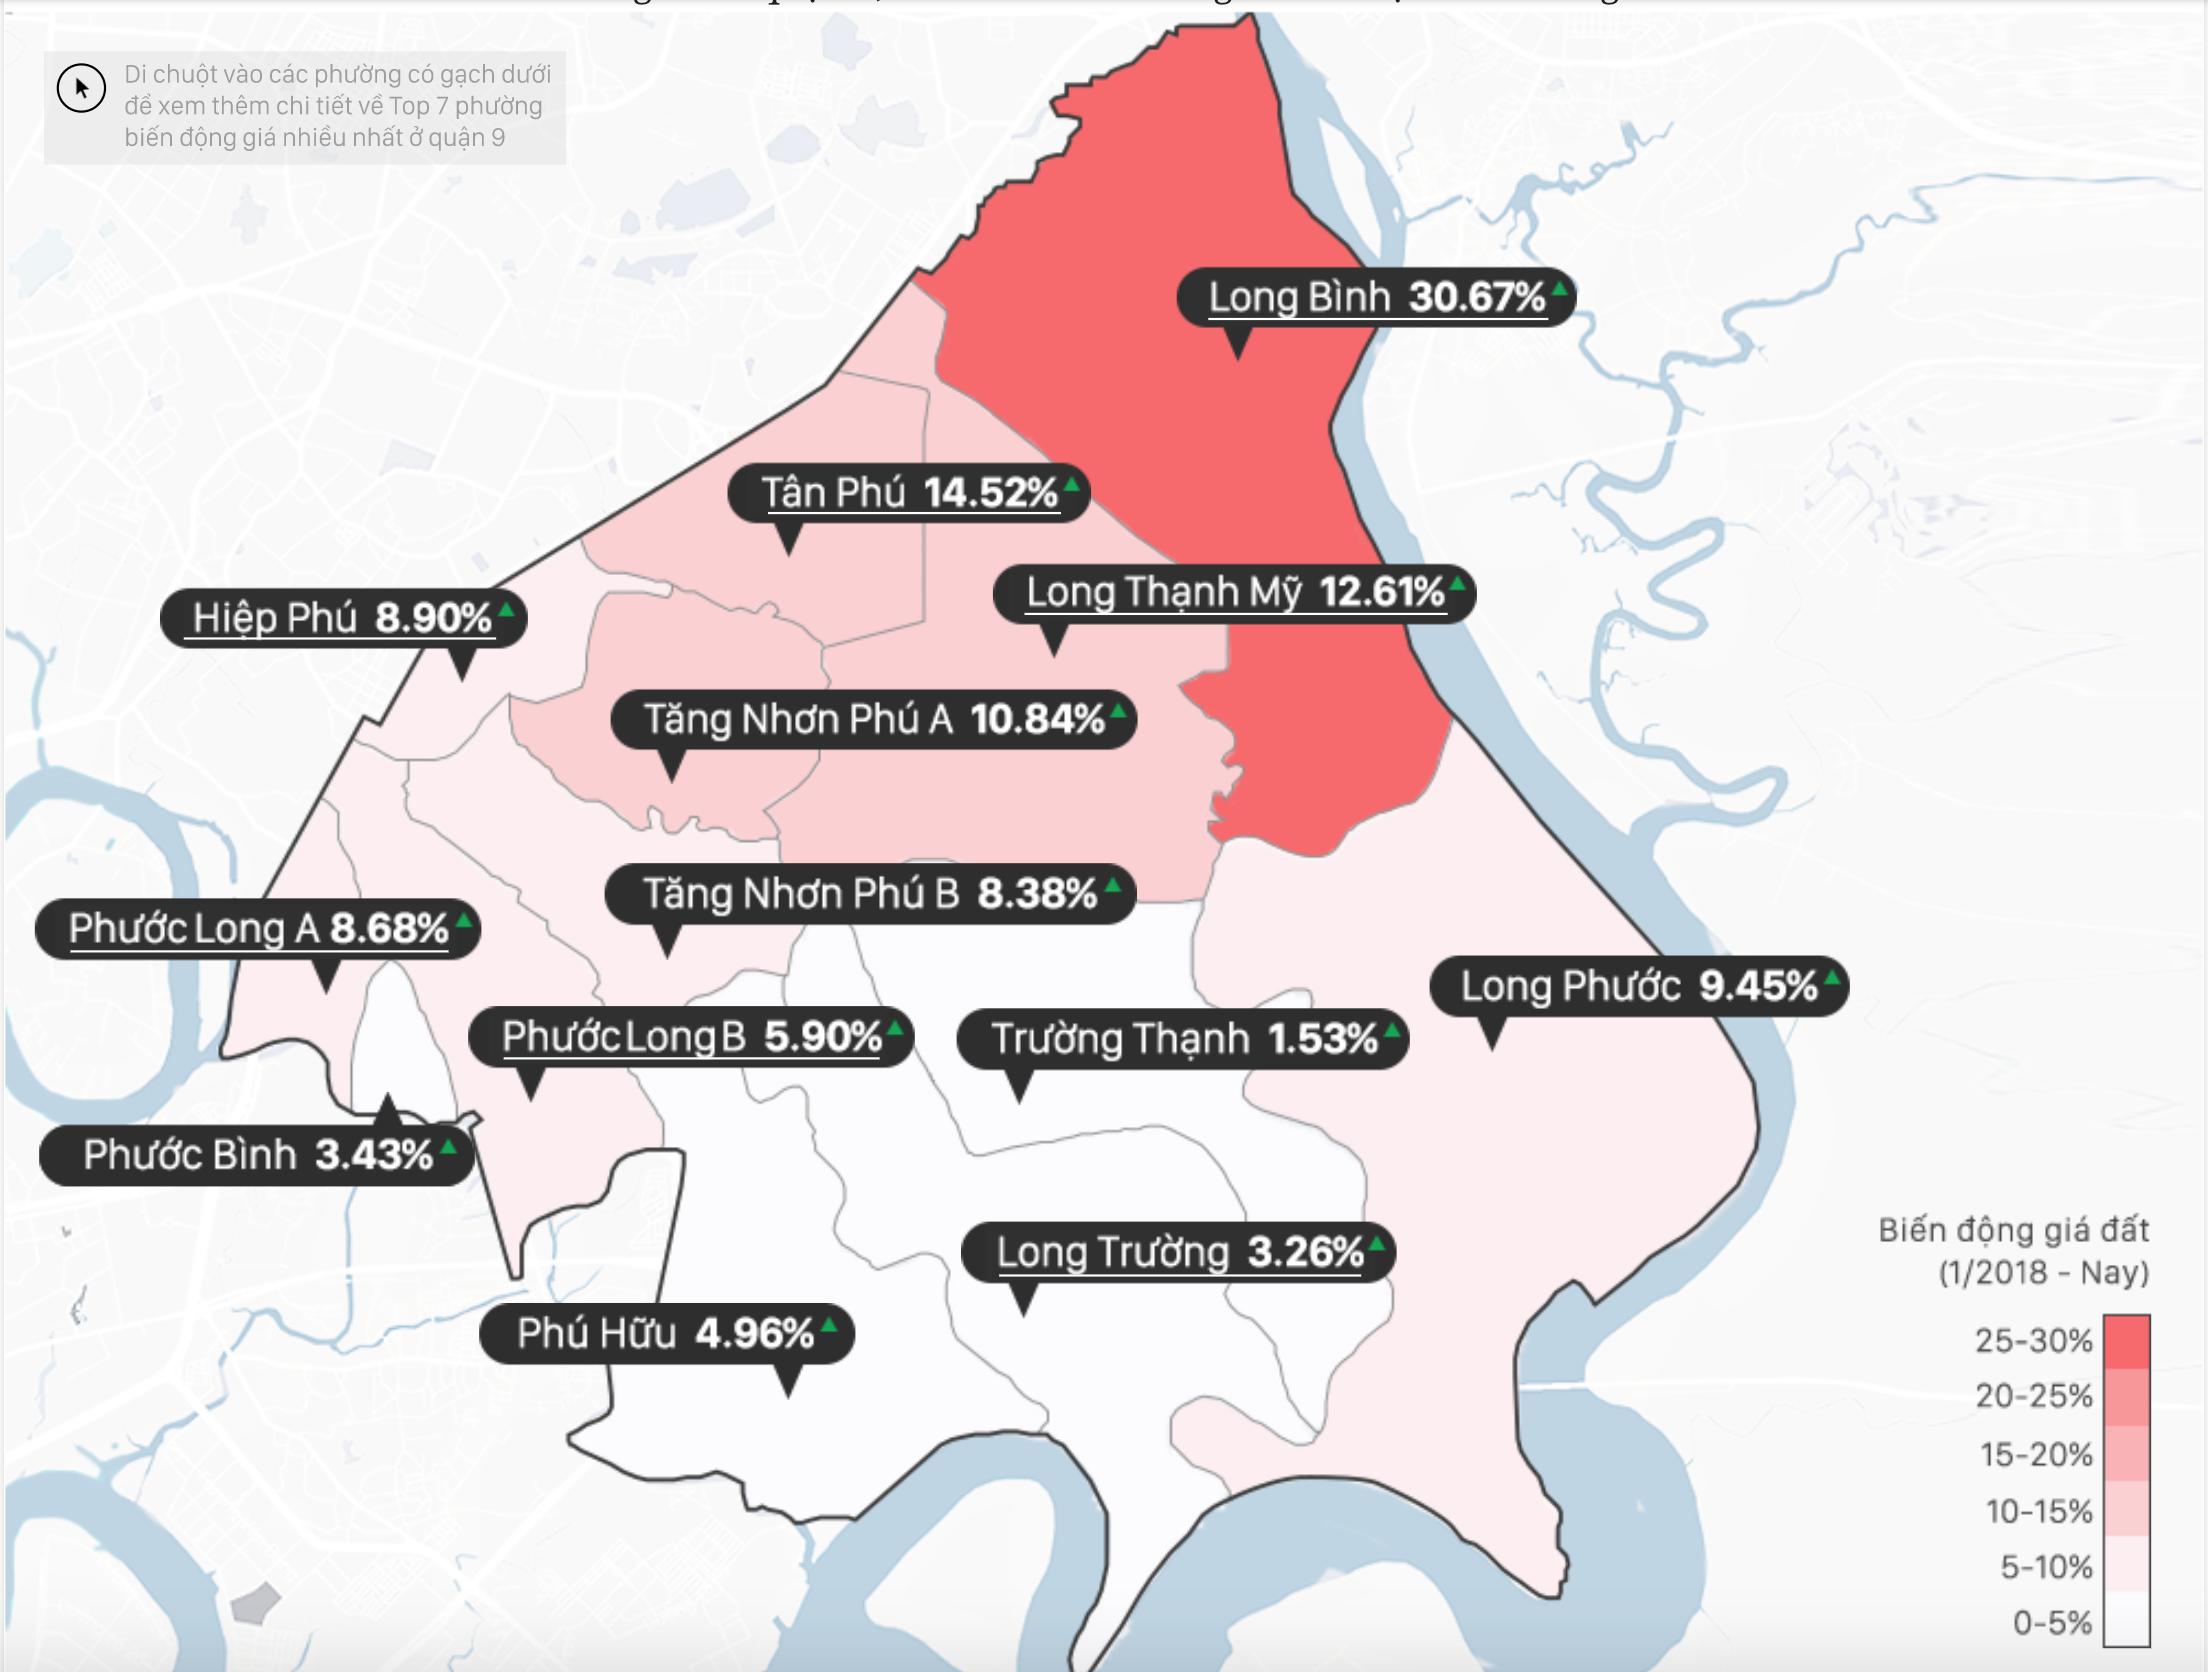 Đất quận 9 tăng giá như thế nào?